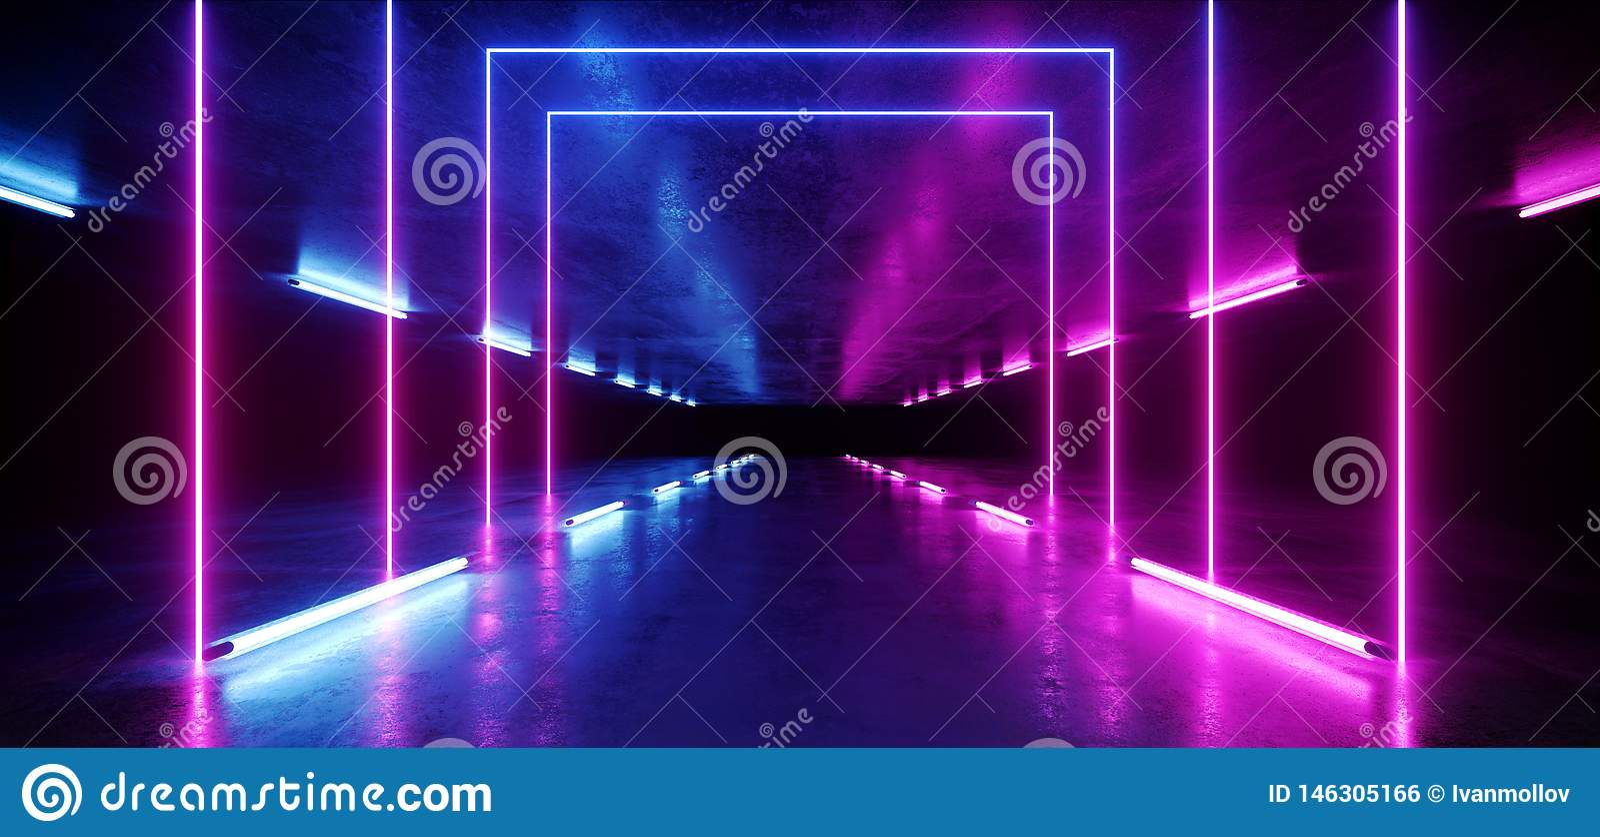 Tunnel fonc? rougeoyant de rose de fond au n?on vibrant de r?alit? virtuelle futuriste bleue pourpre de Violet Path Track Gate En